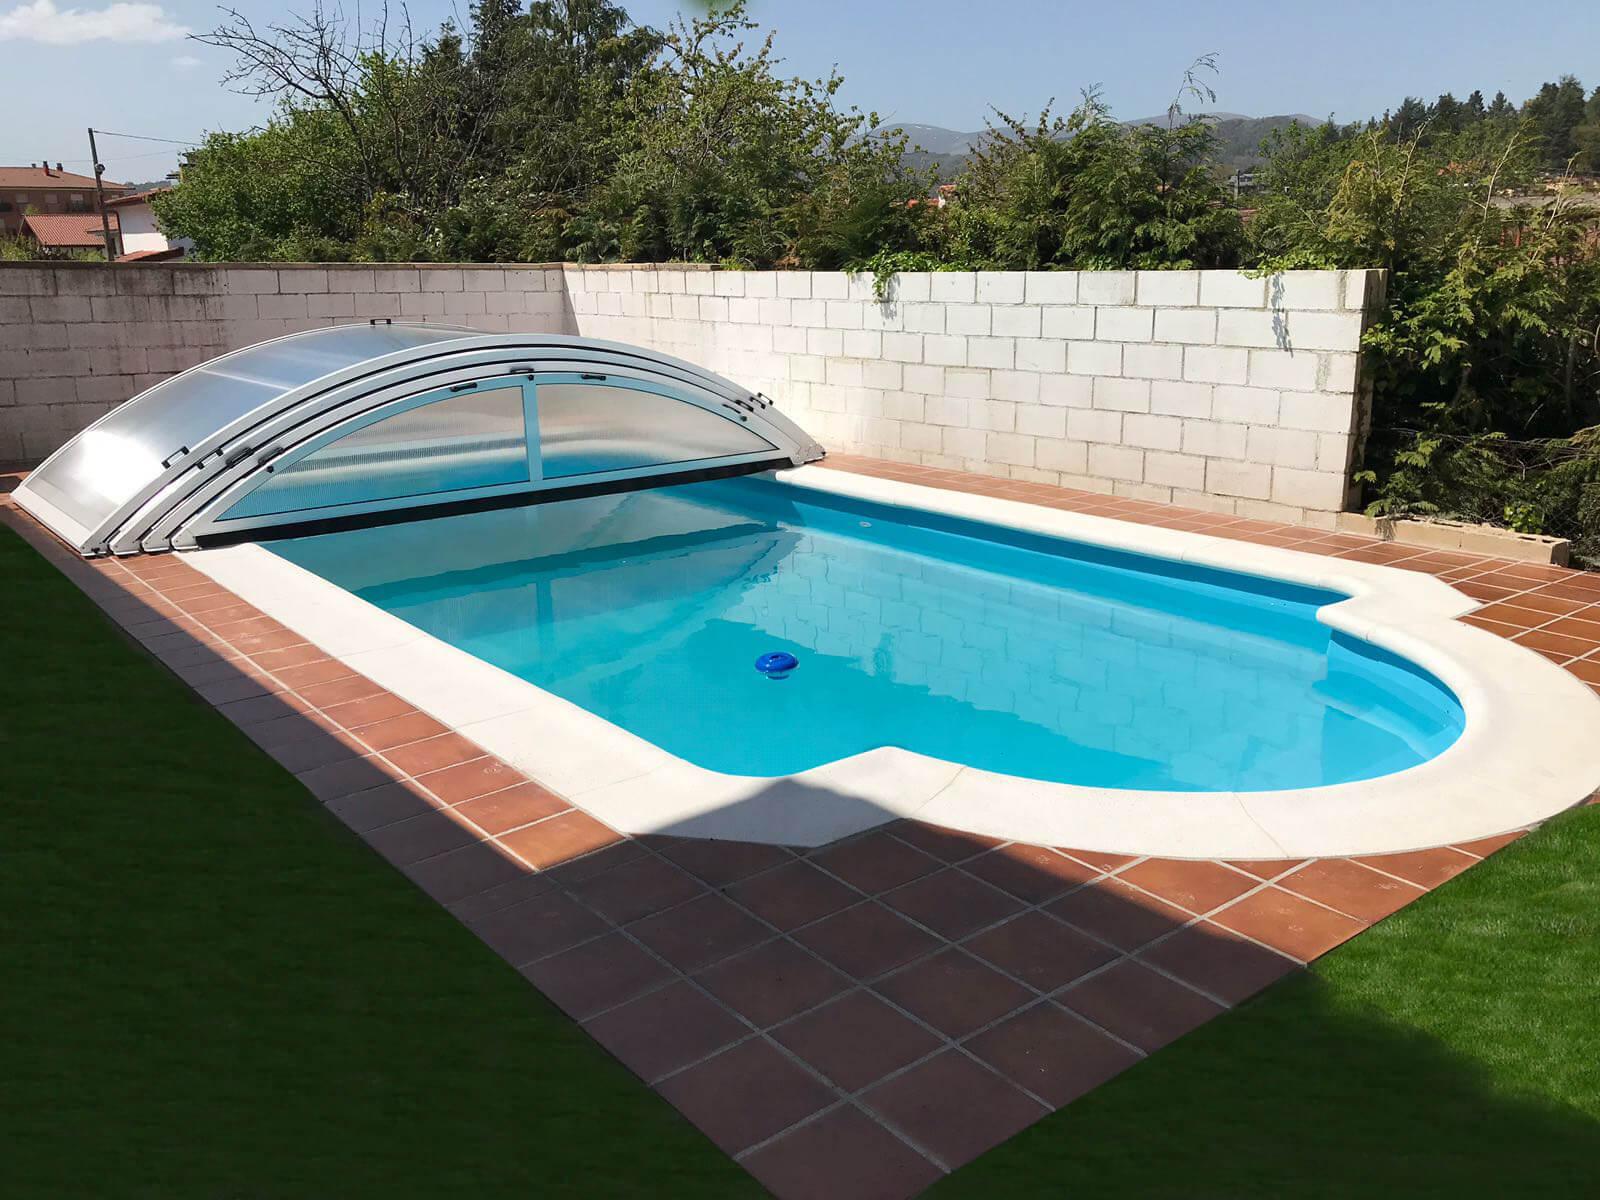 Cubierta Teide: Cubierta baja y telescópica para piscina en Madrid sierra abierta